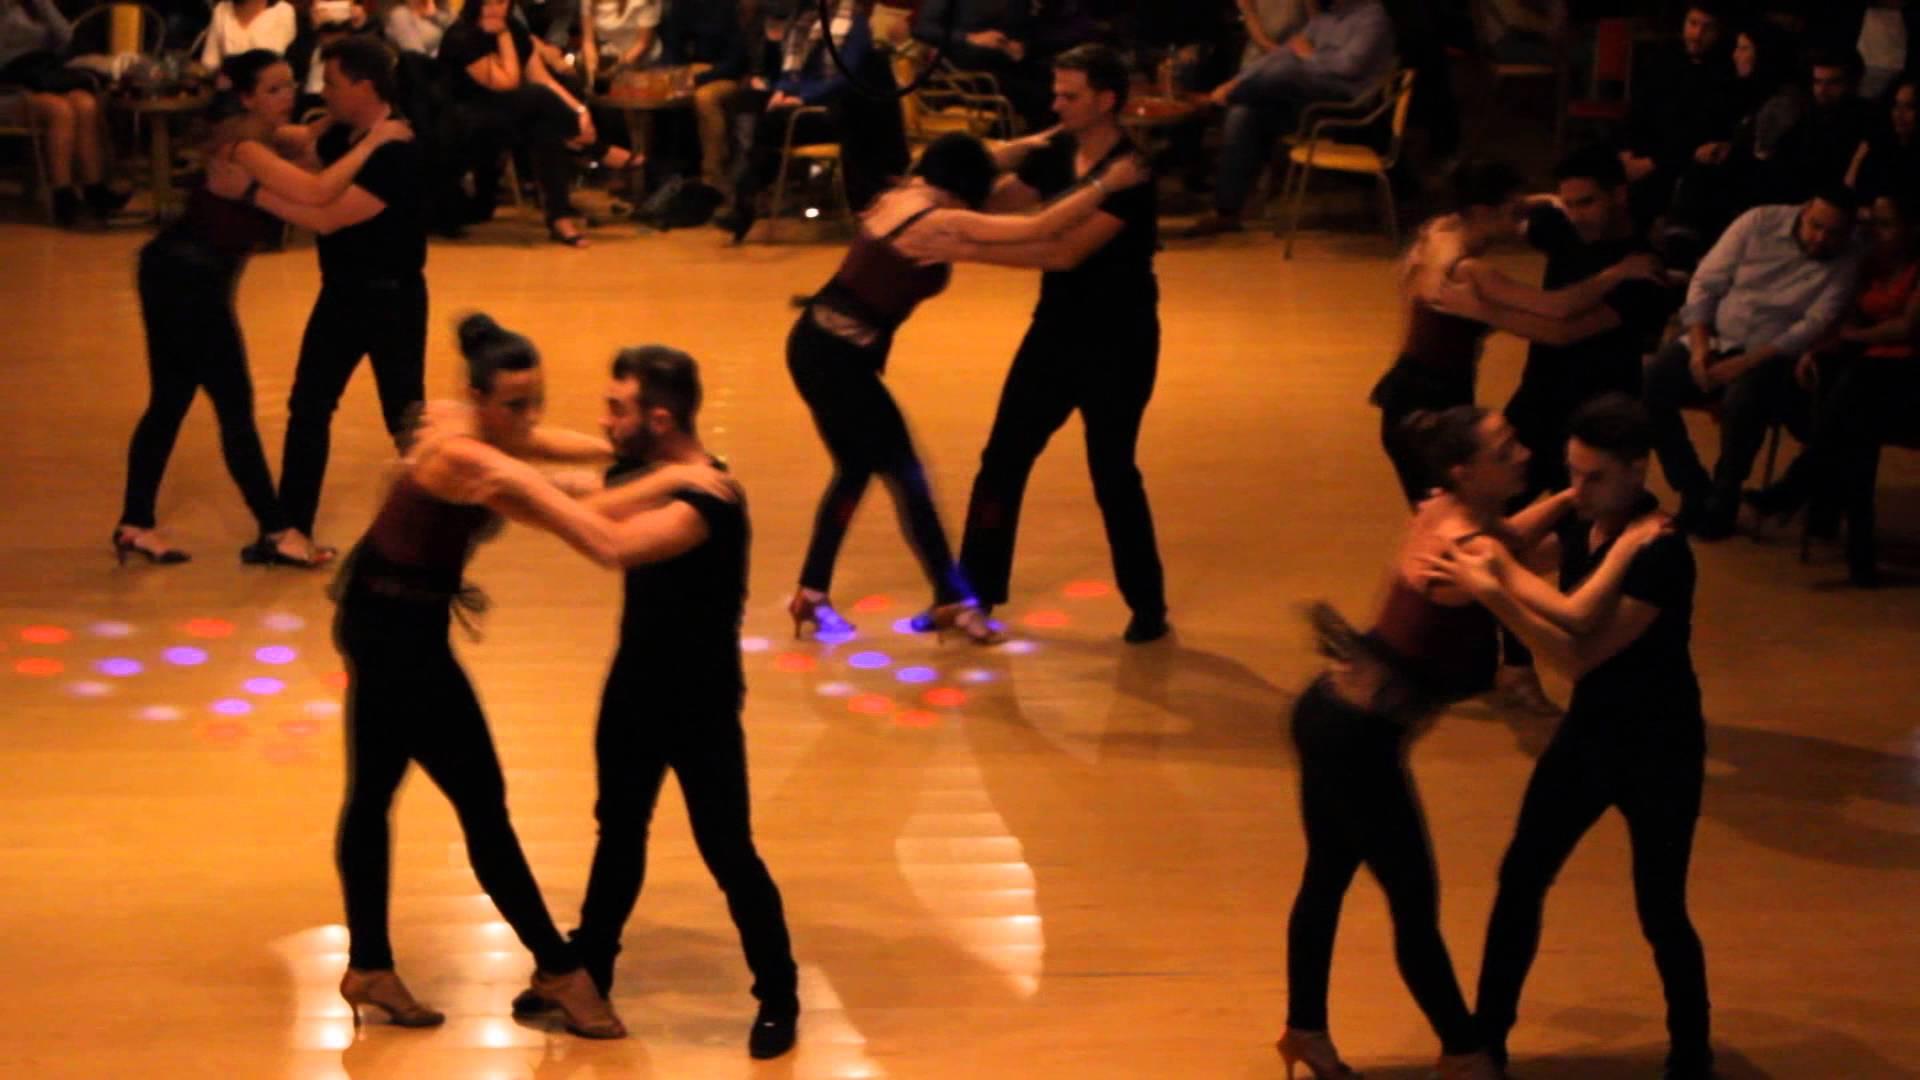 Vení a conocer nuestras clases de baile